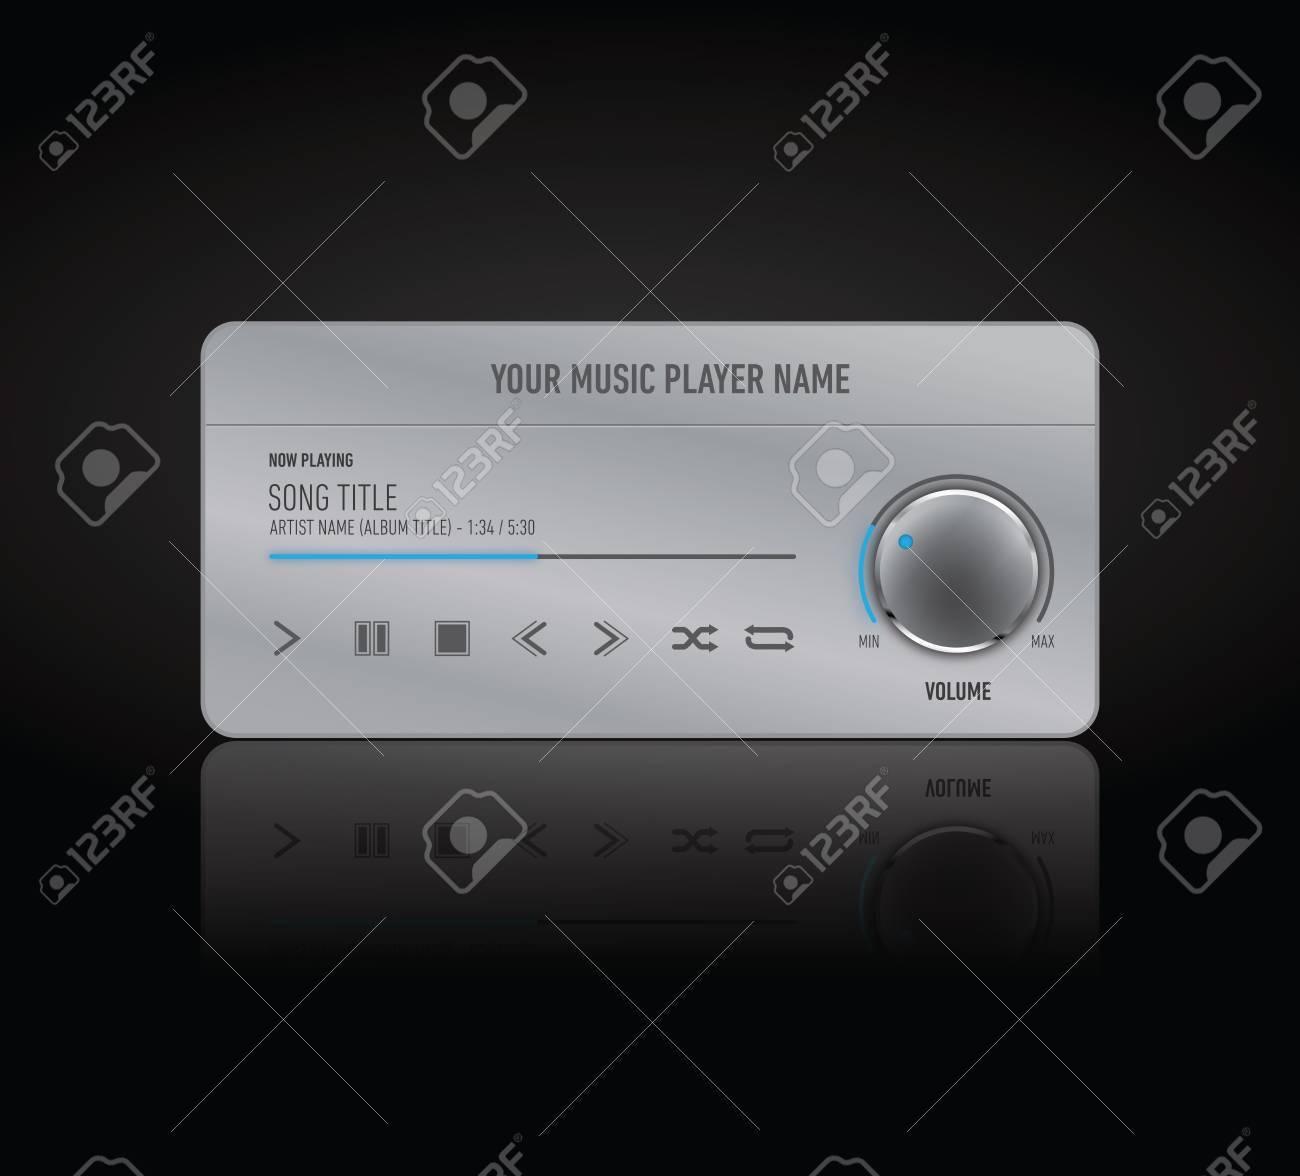 Music player skin